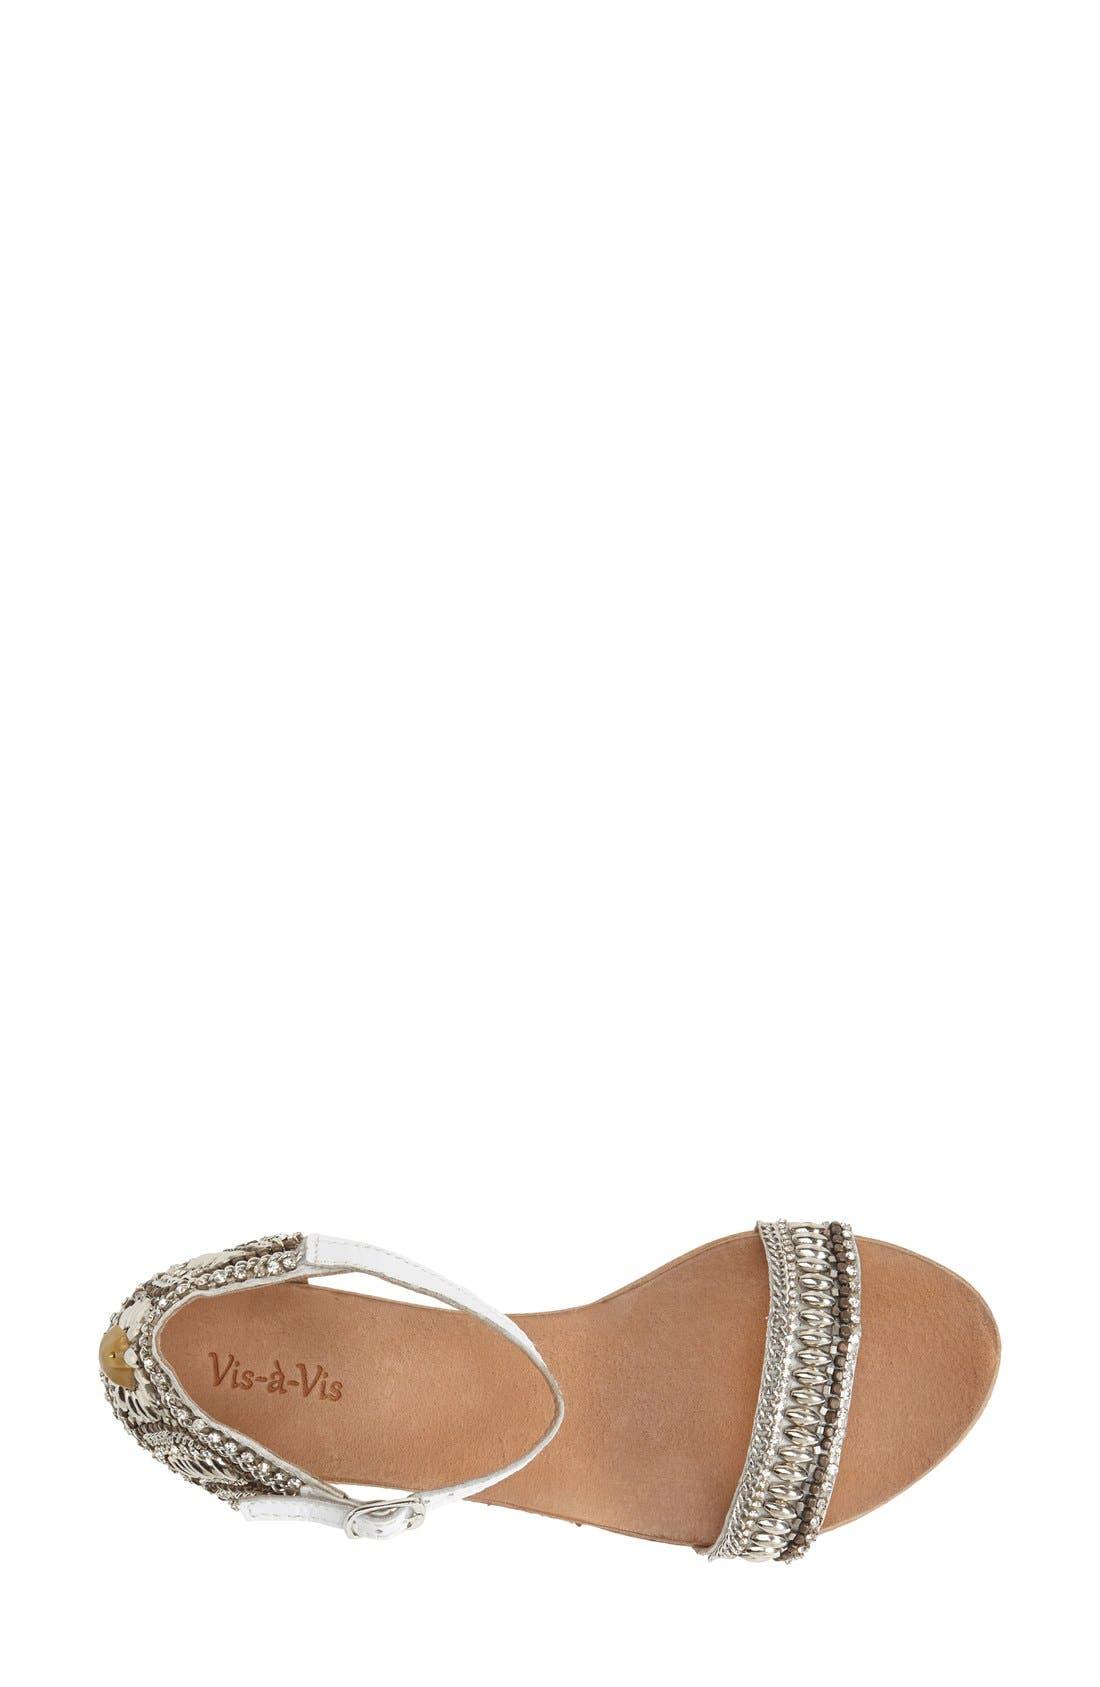 Alternate Image 3  - Vis-à-Vis 'Honi' Embellished Sandal (Women)